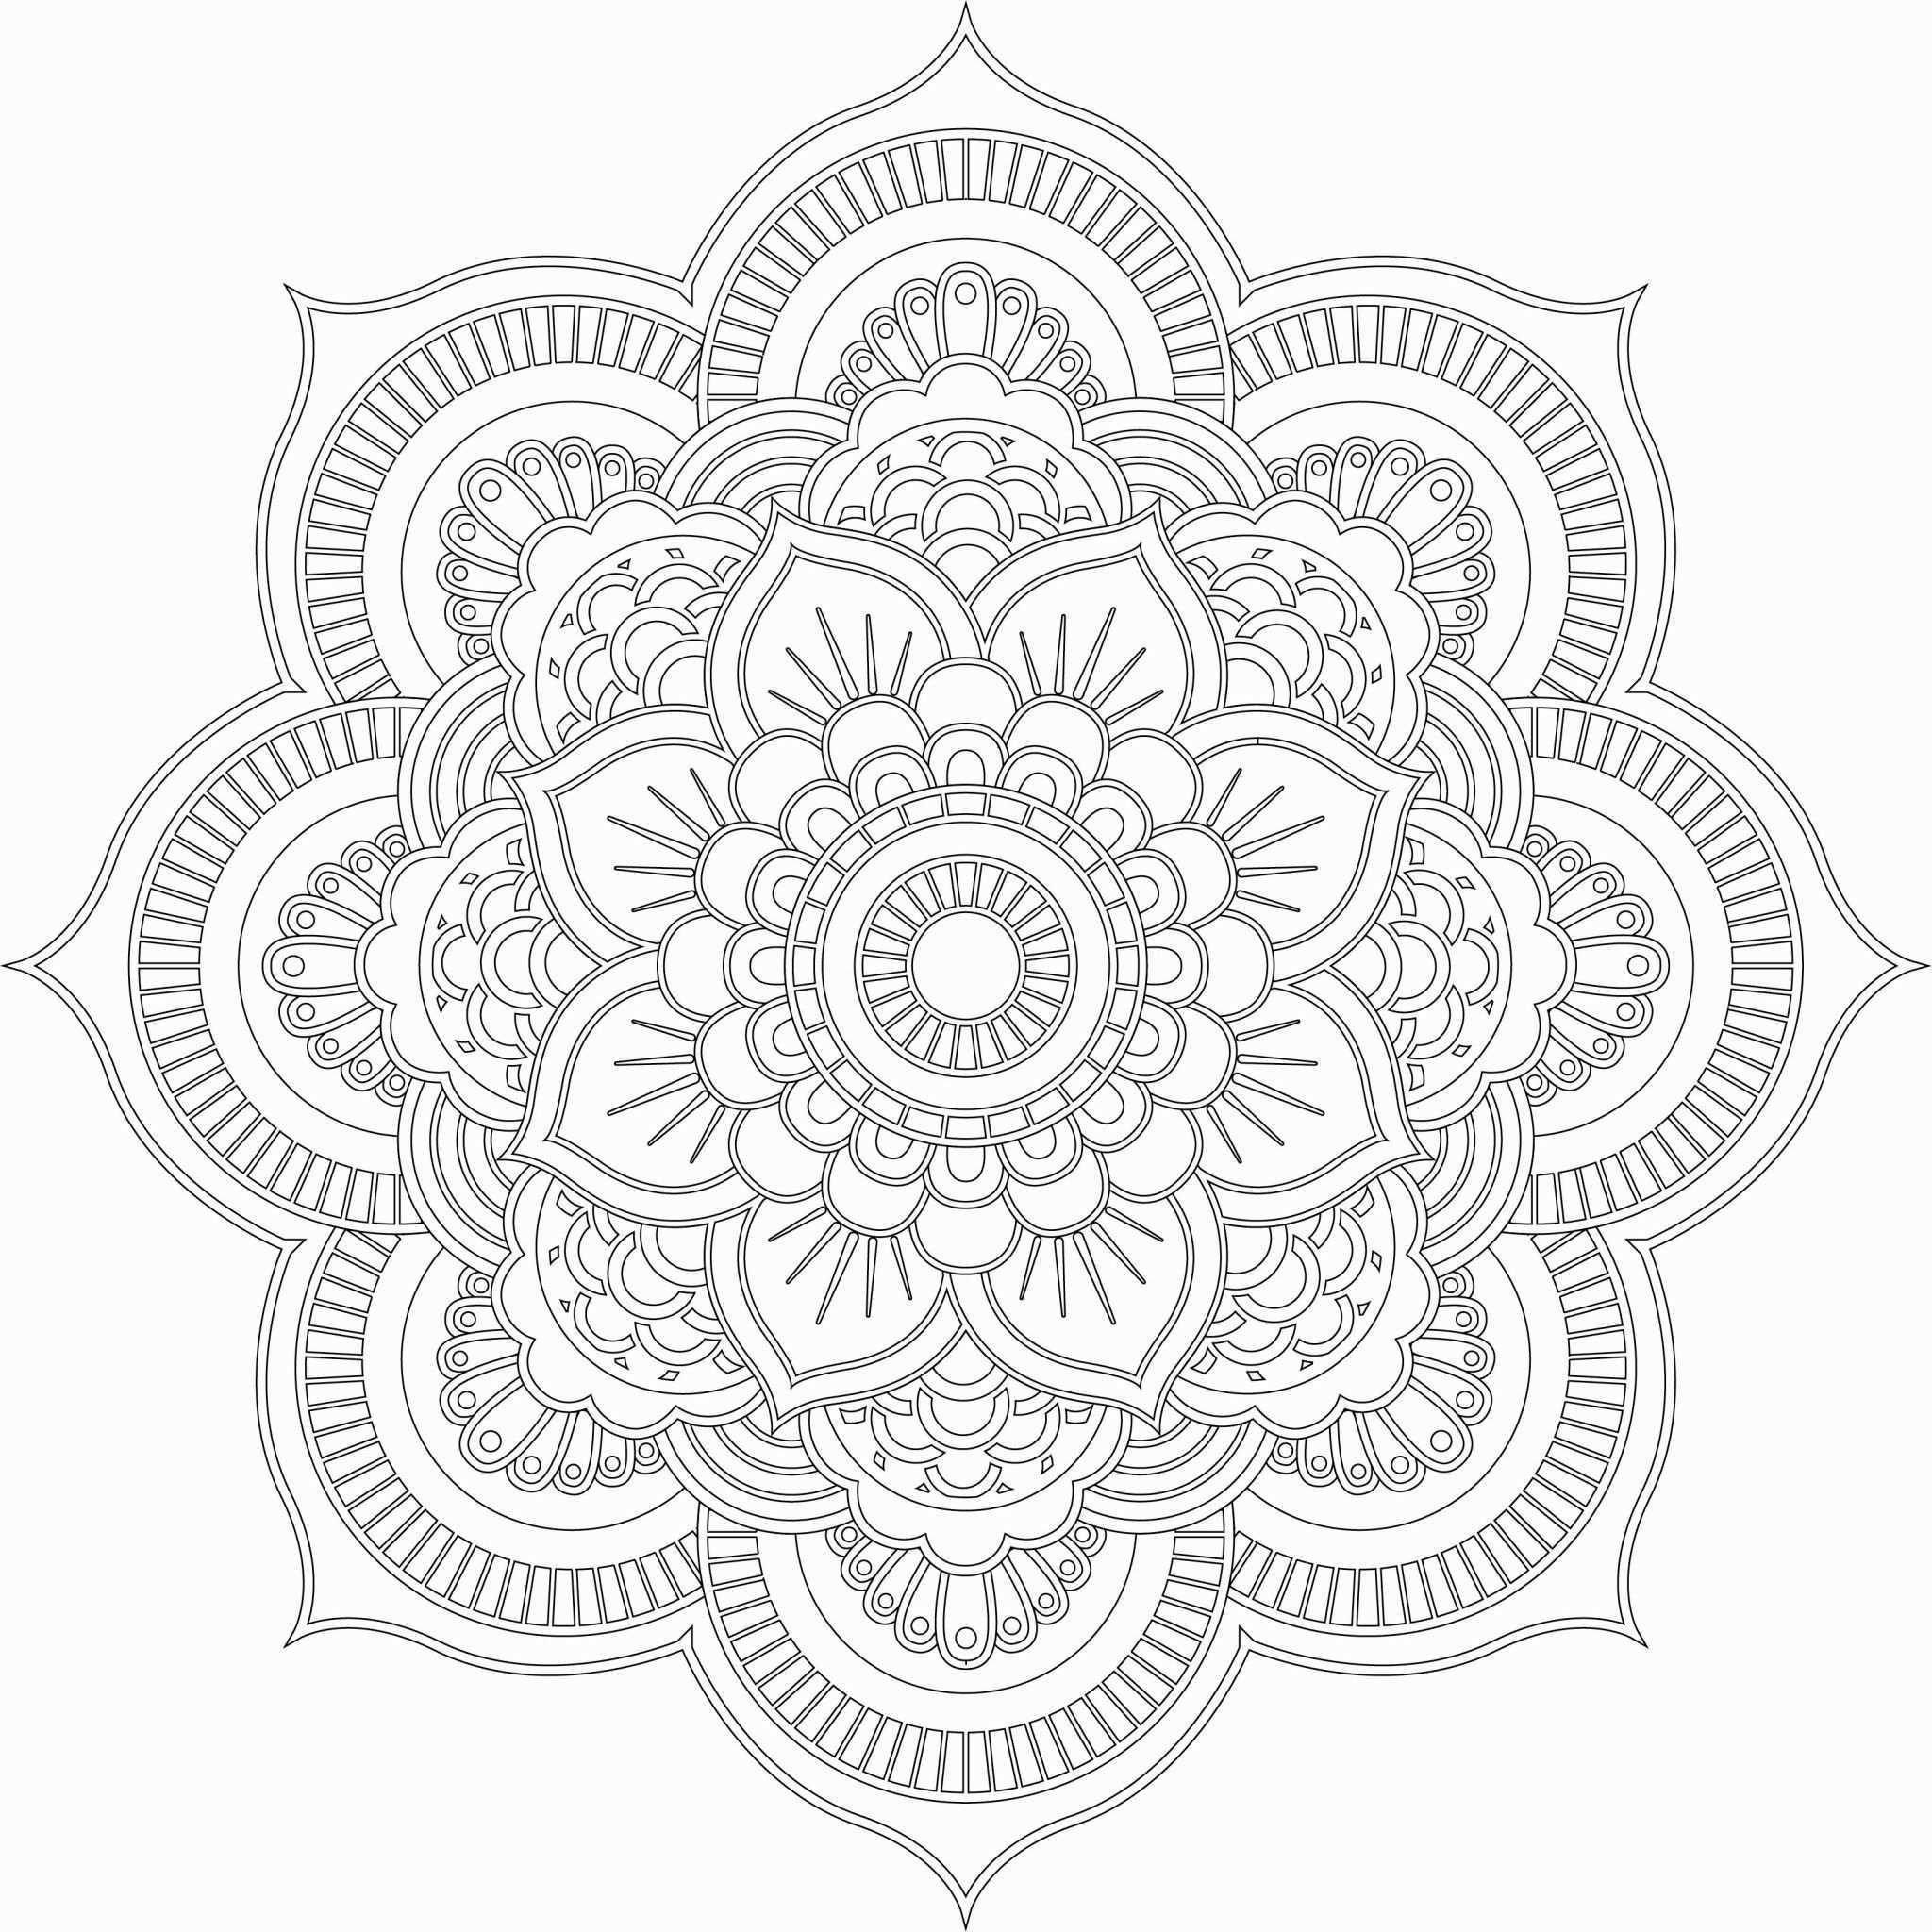 57 Jpg File Shared From Box Kostenlose Erwachsenen Malvorlagen Mandala Ausmalen Mandala Vorlagen